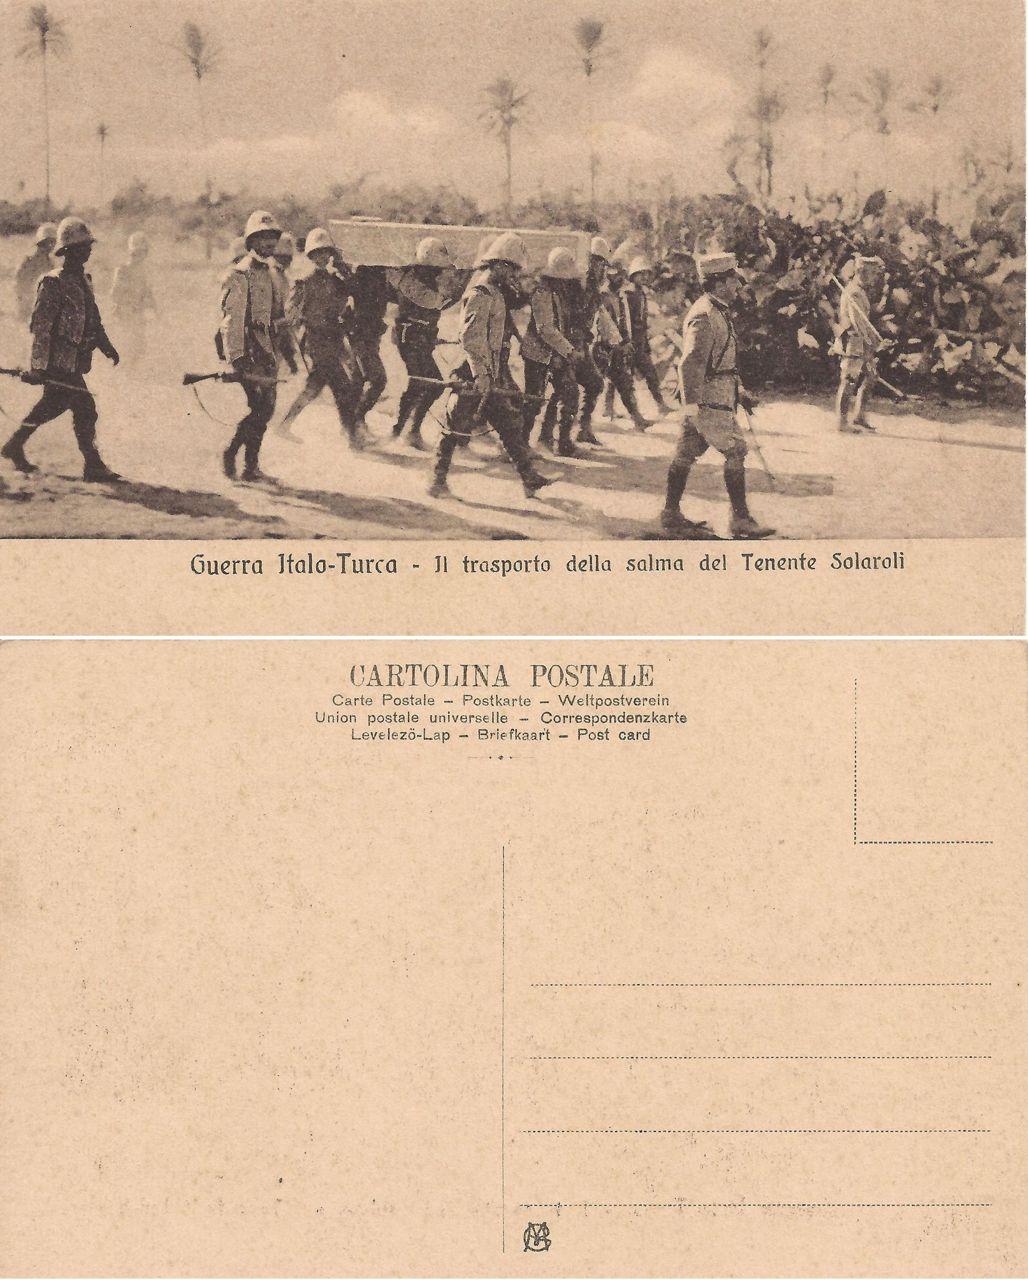 Guerra Italo - Turca - 01